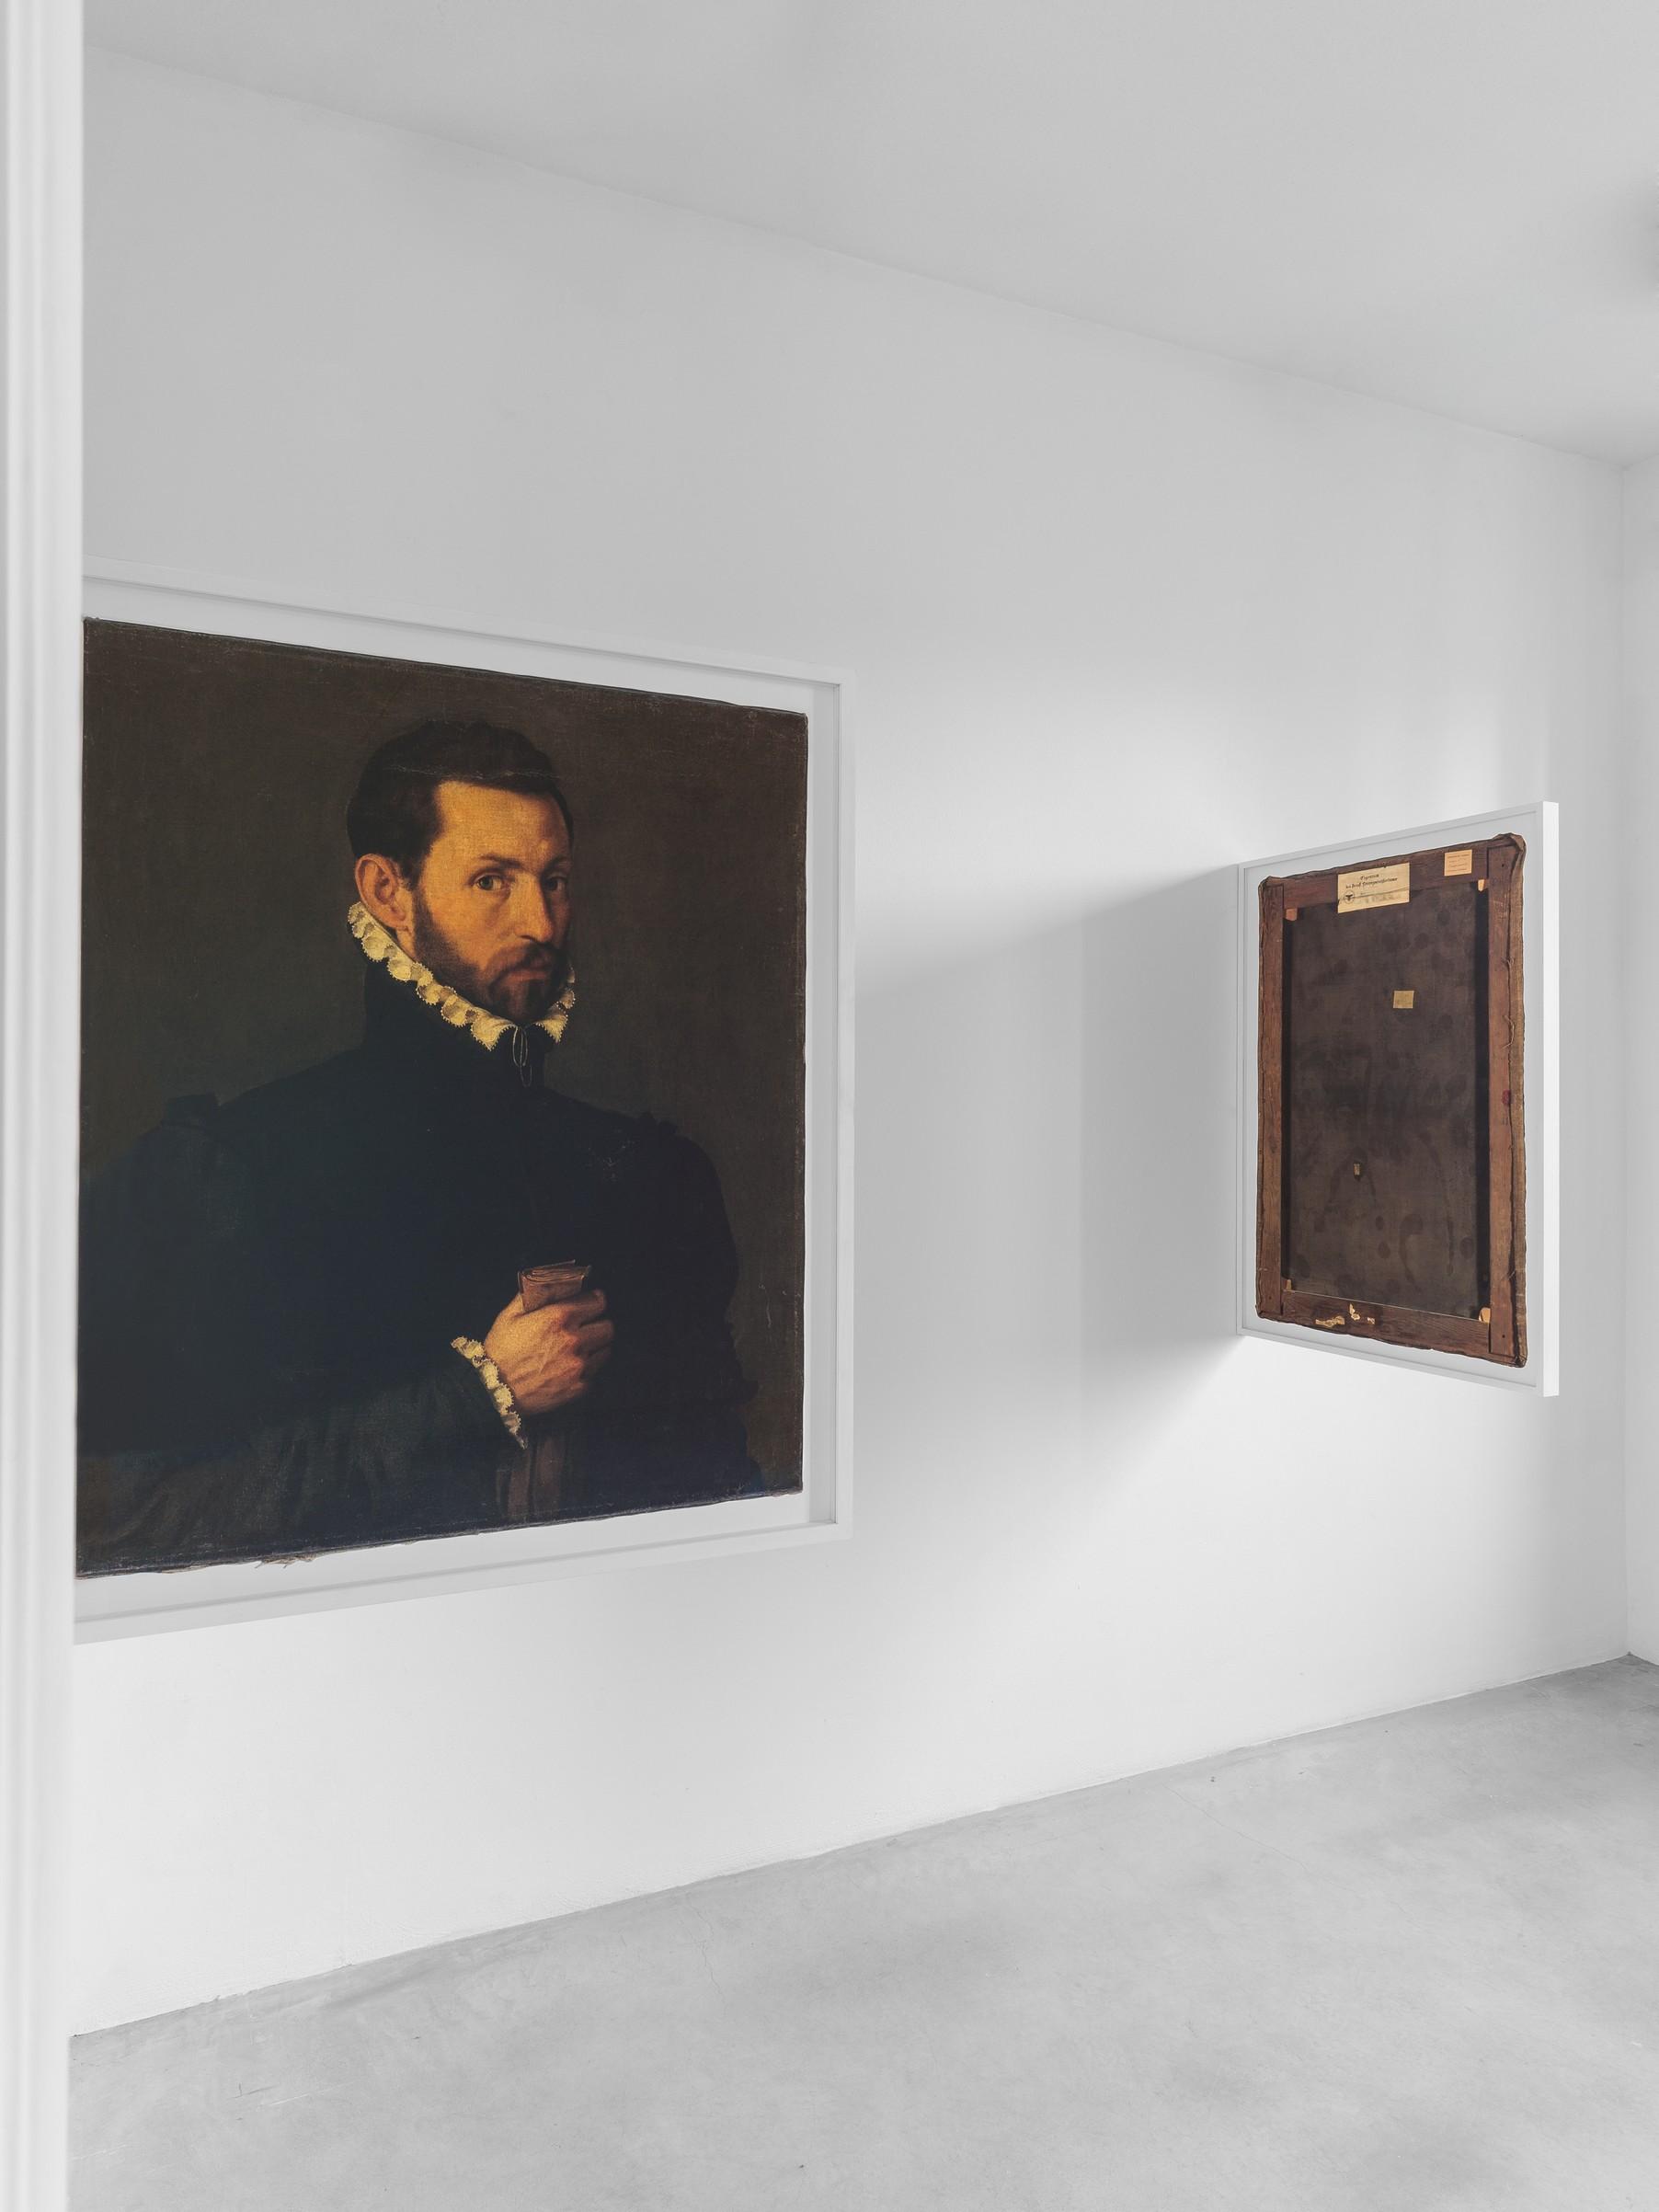 Fondazione Prada, le foto dell'esibizione Recto Verso